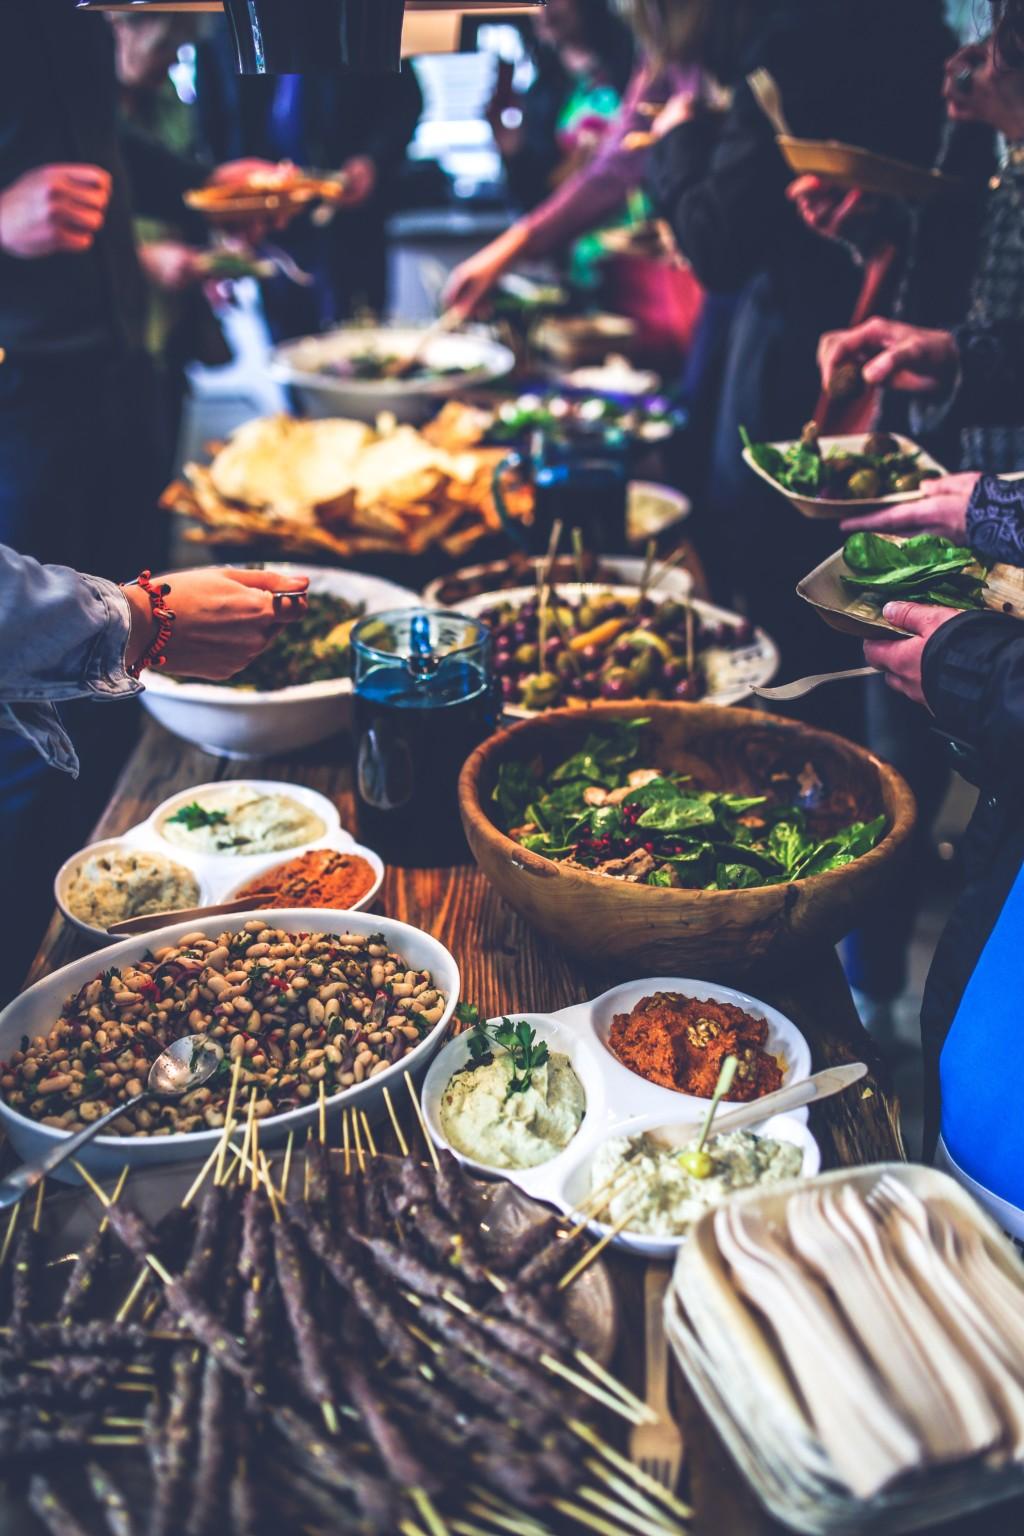 Food 101 Miami Moms Blog Contributor Adita Lang